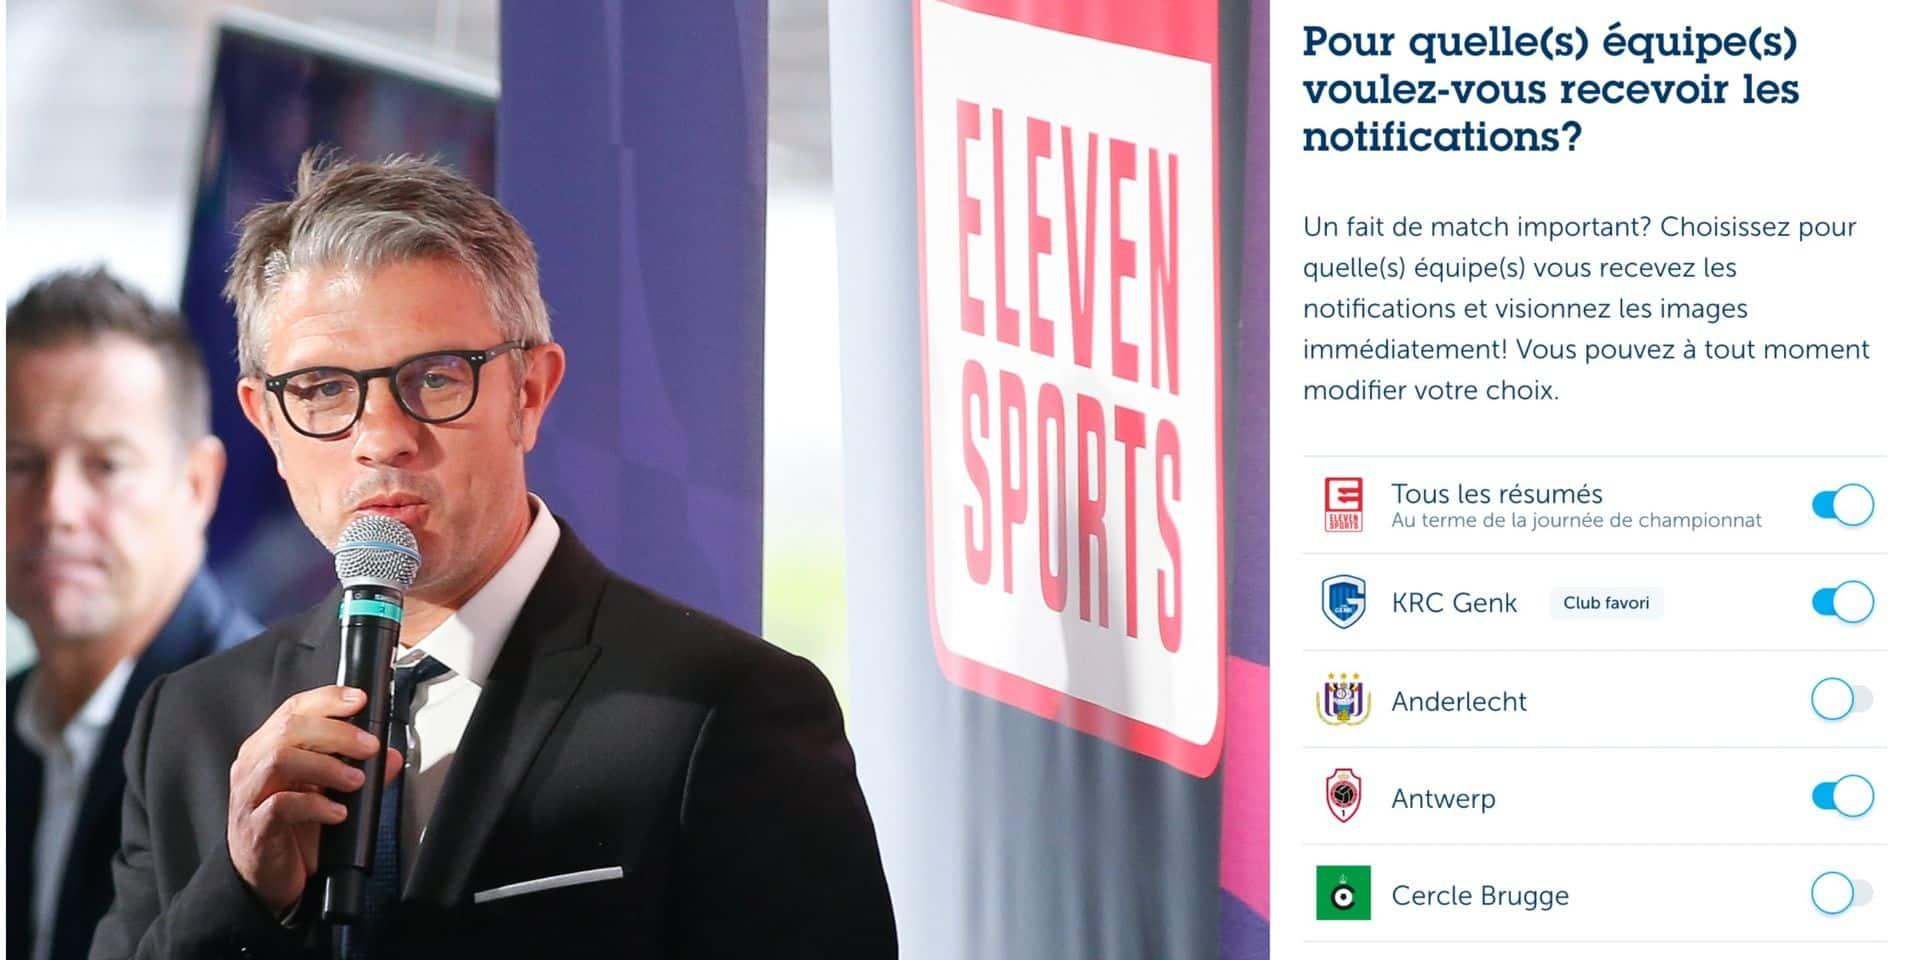 Une banque obtient les droits de diffusion des images du foot belge : du jamais vu !